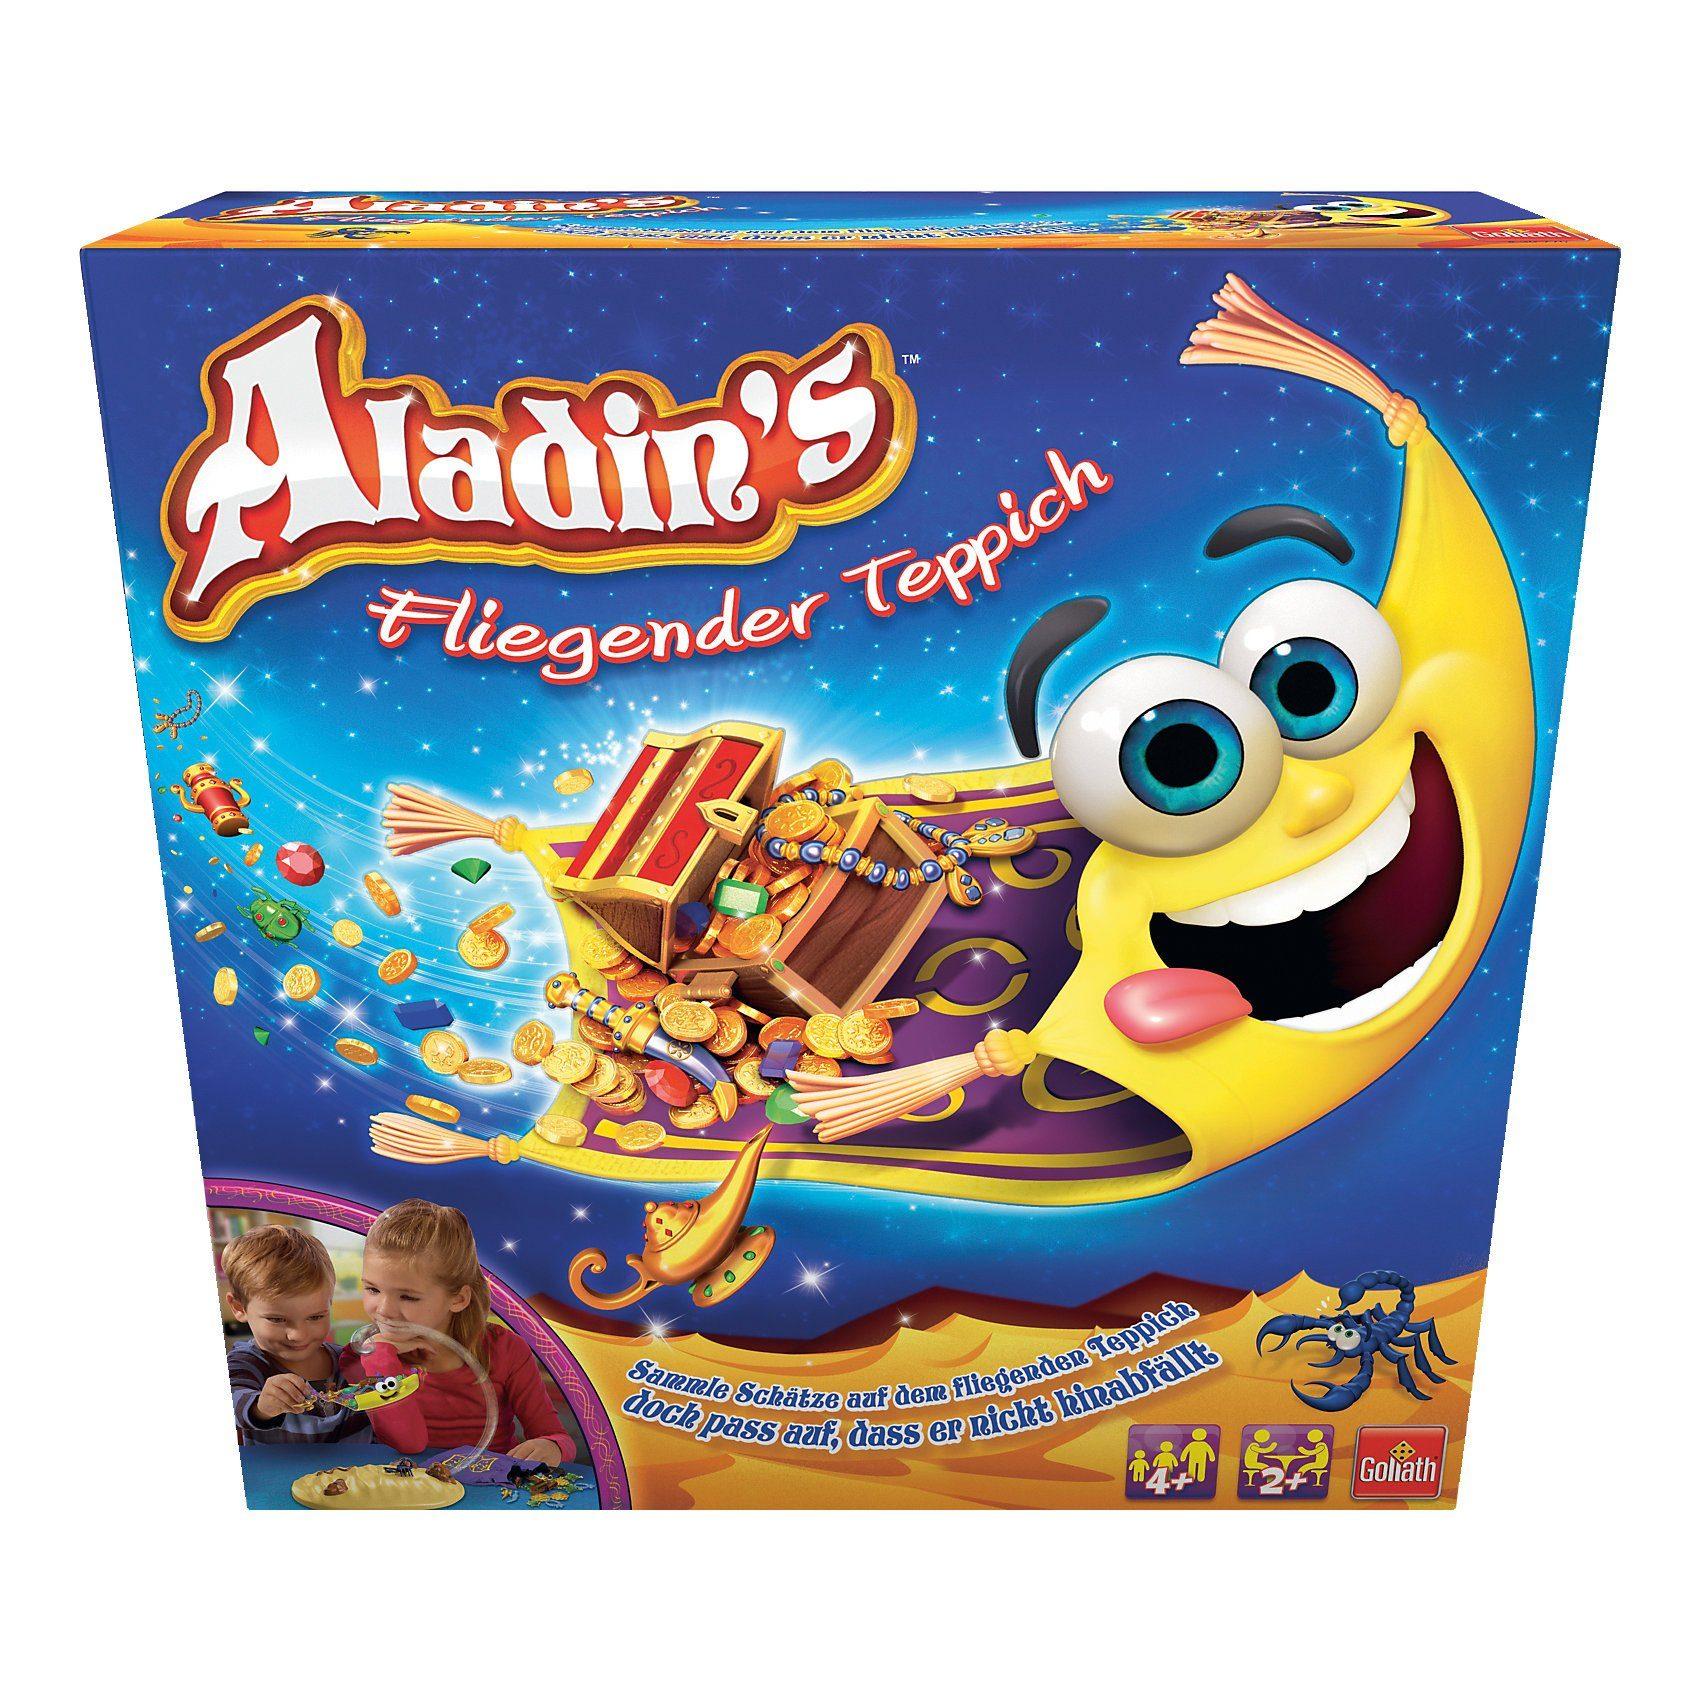 Goliath Aladin's Fliegender Teppich